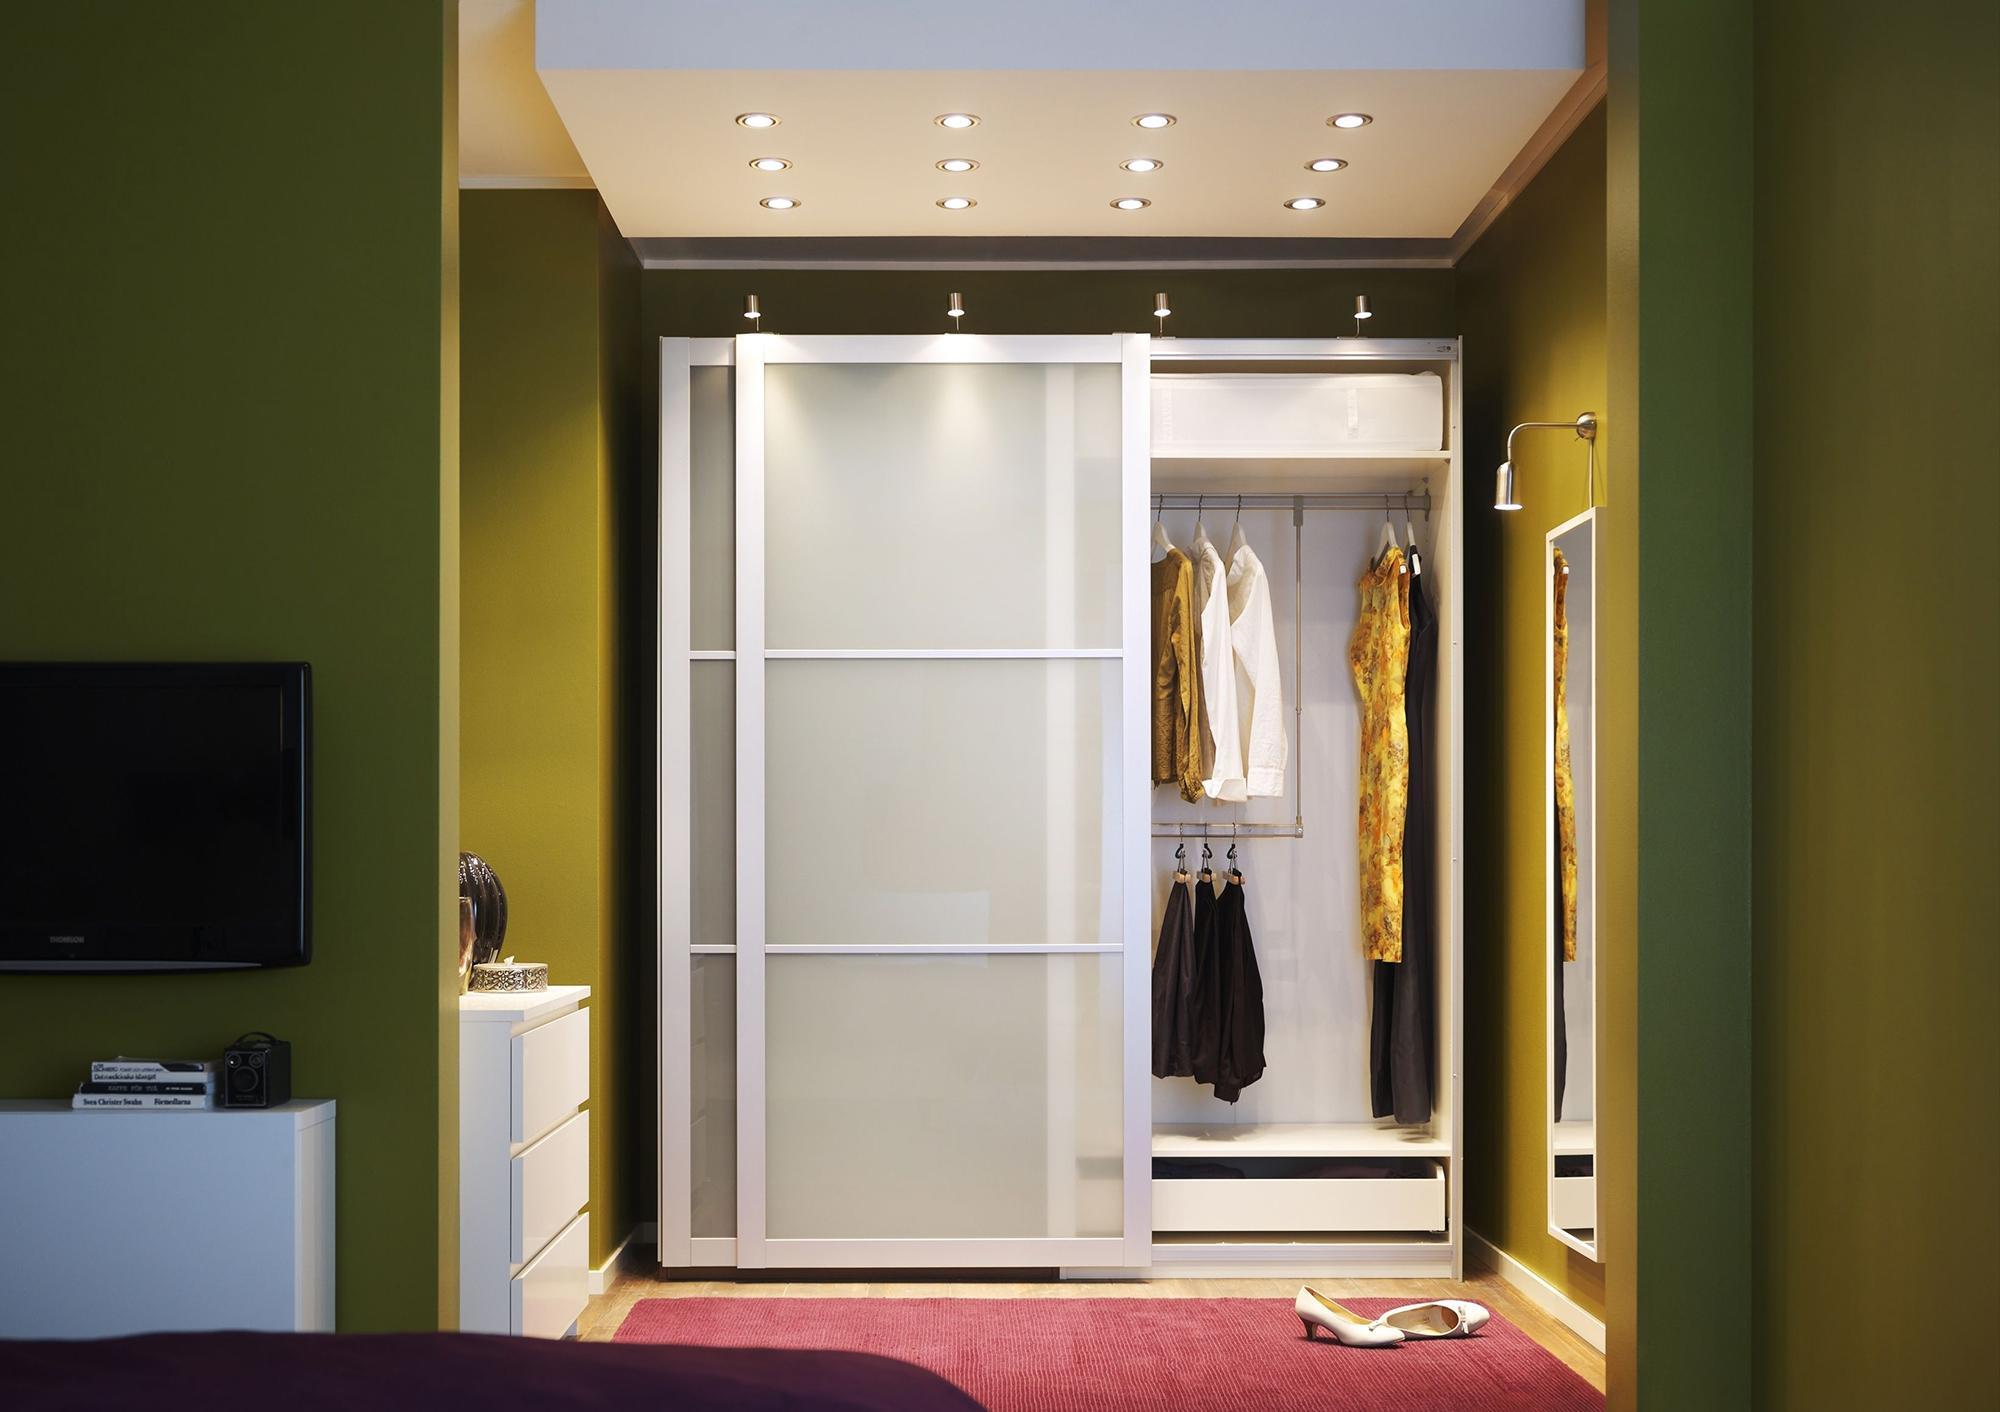 Узкое зеркало напротив входной двери в зеленой прихожей